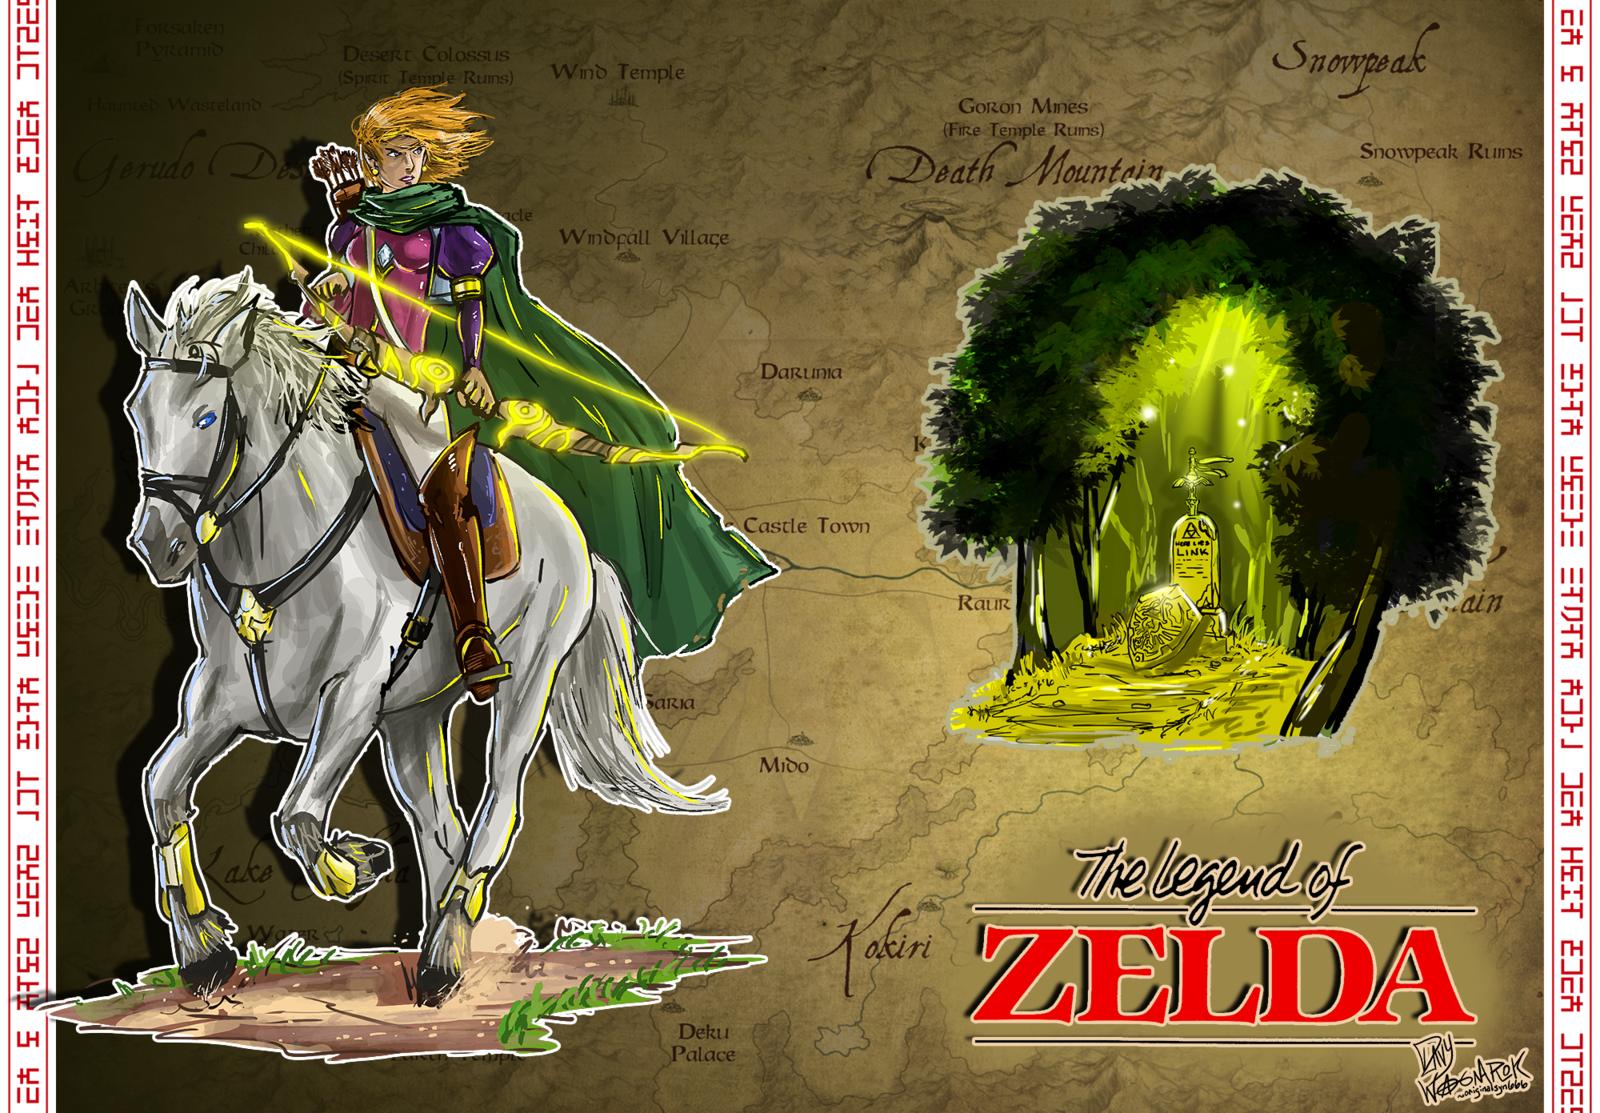 legend of zelda live wallpaper wallpapersafari